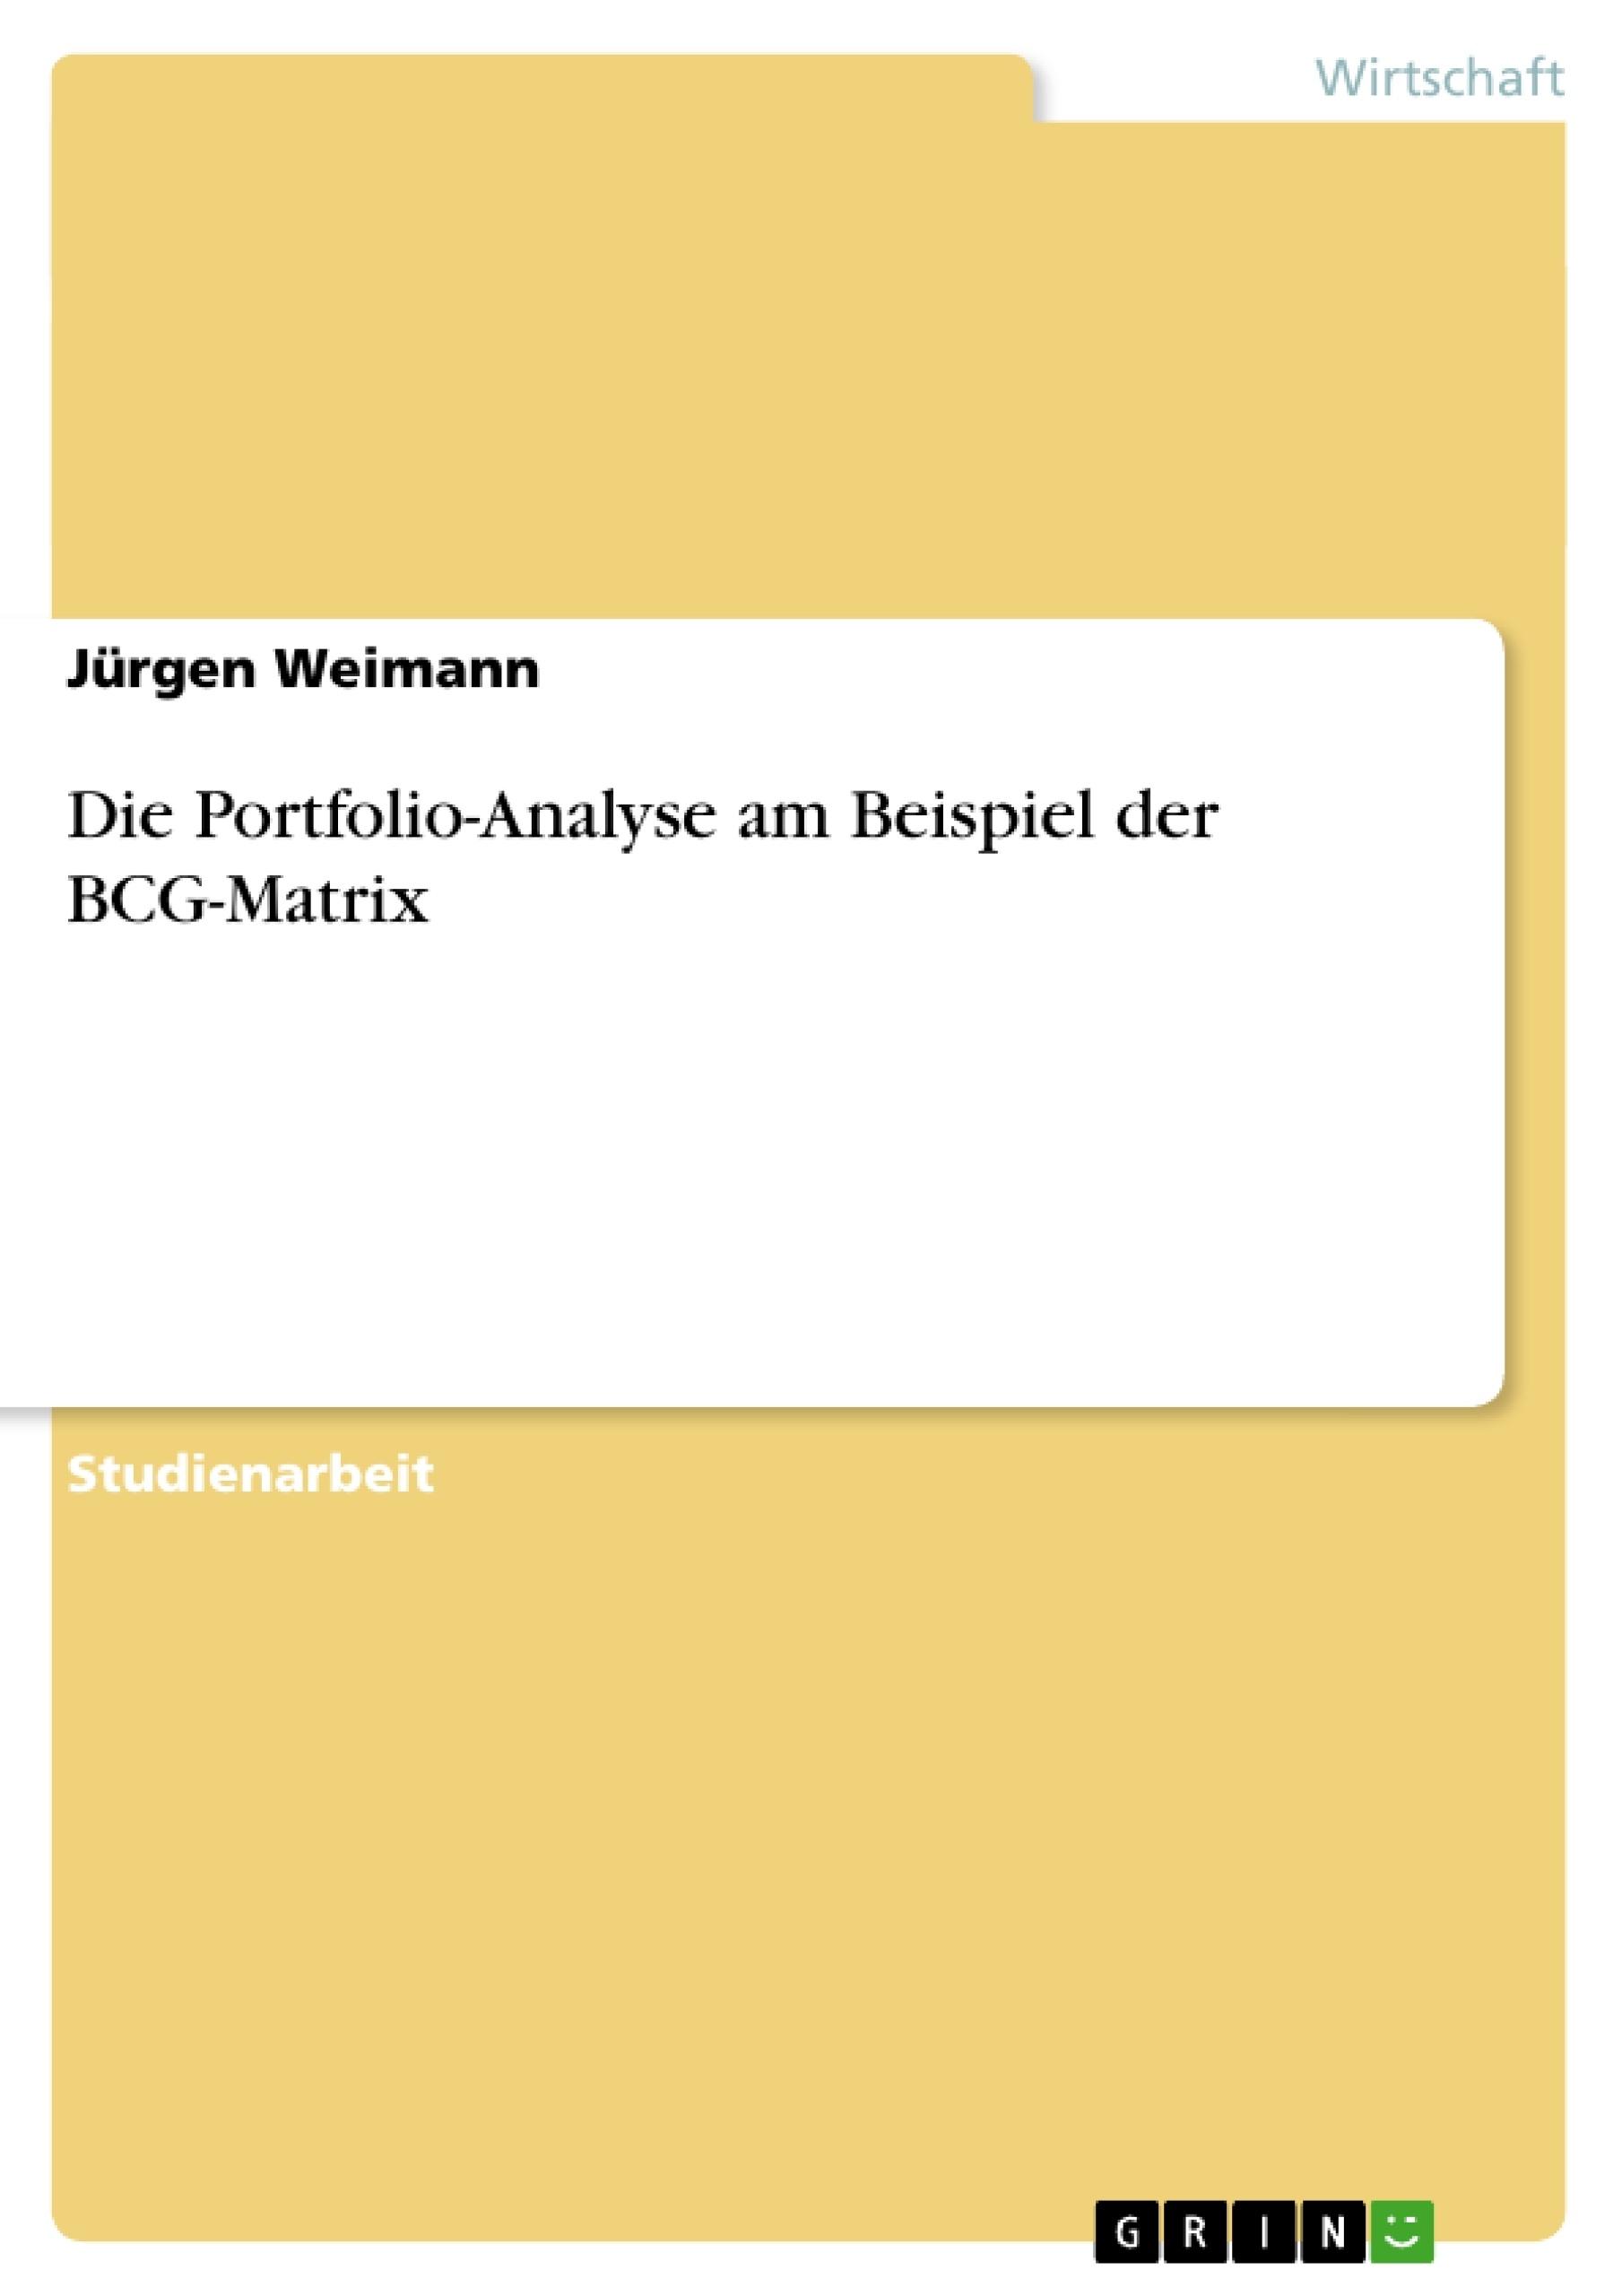 Titel: Die Portfolio-Analyse am Beispiel der BCG-Matrix